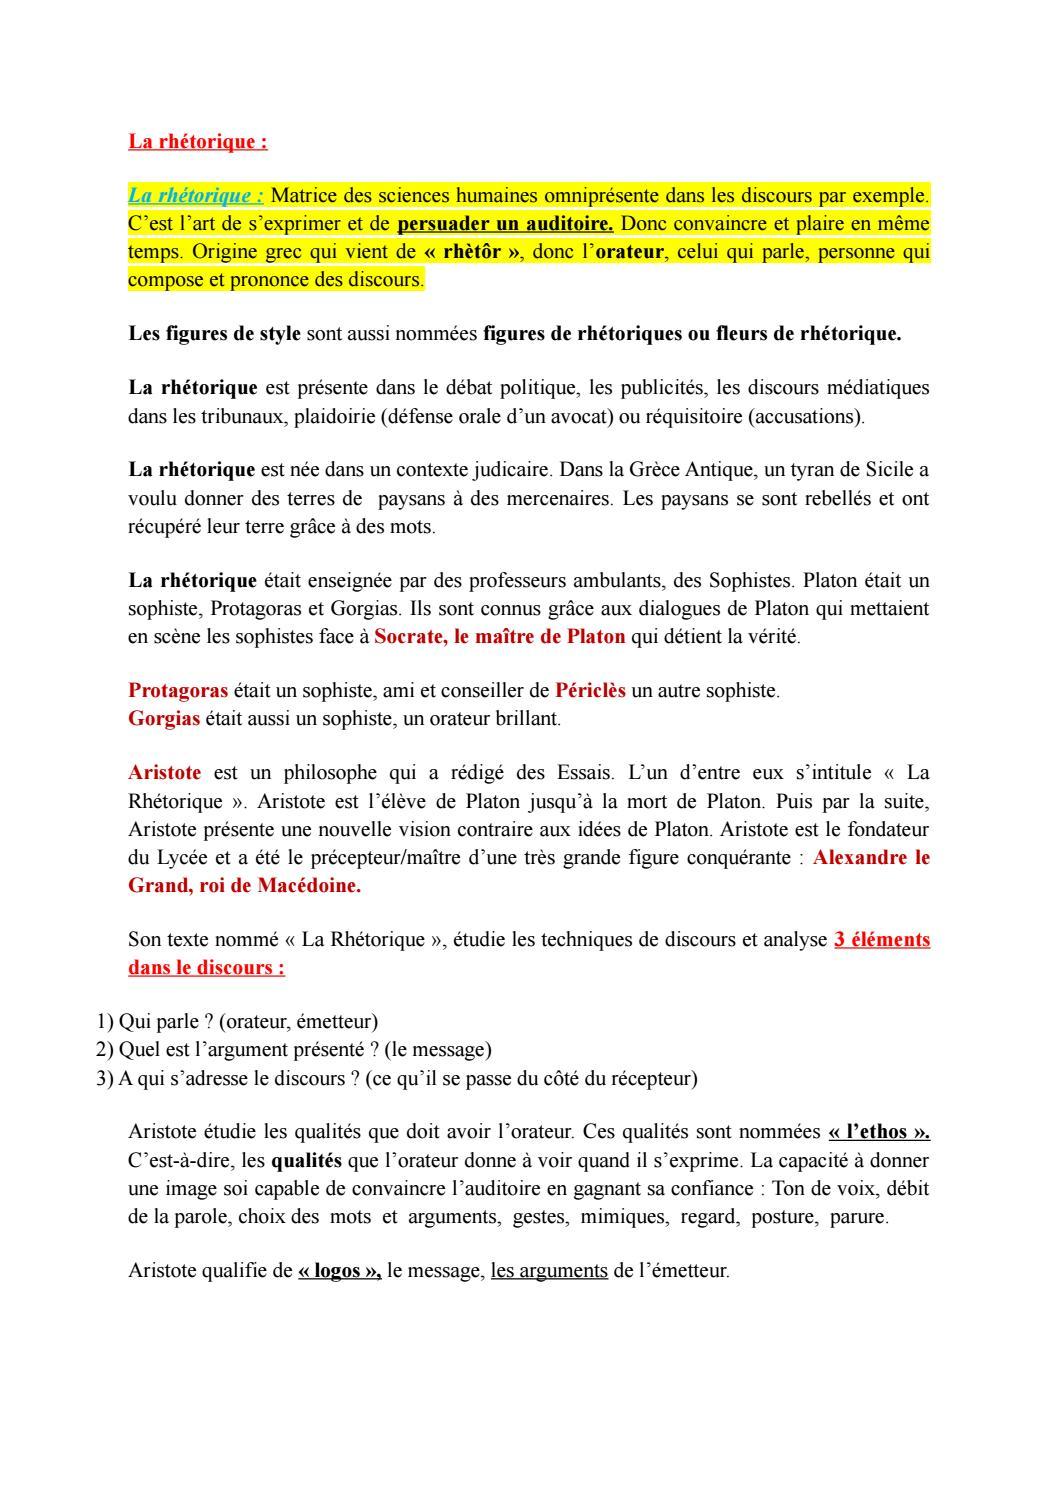 La Rhetorique By Nicolas Issuu